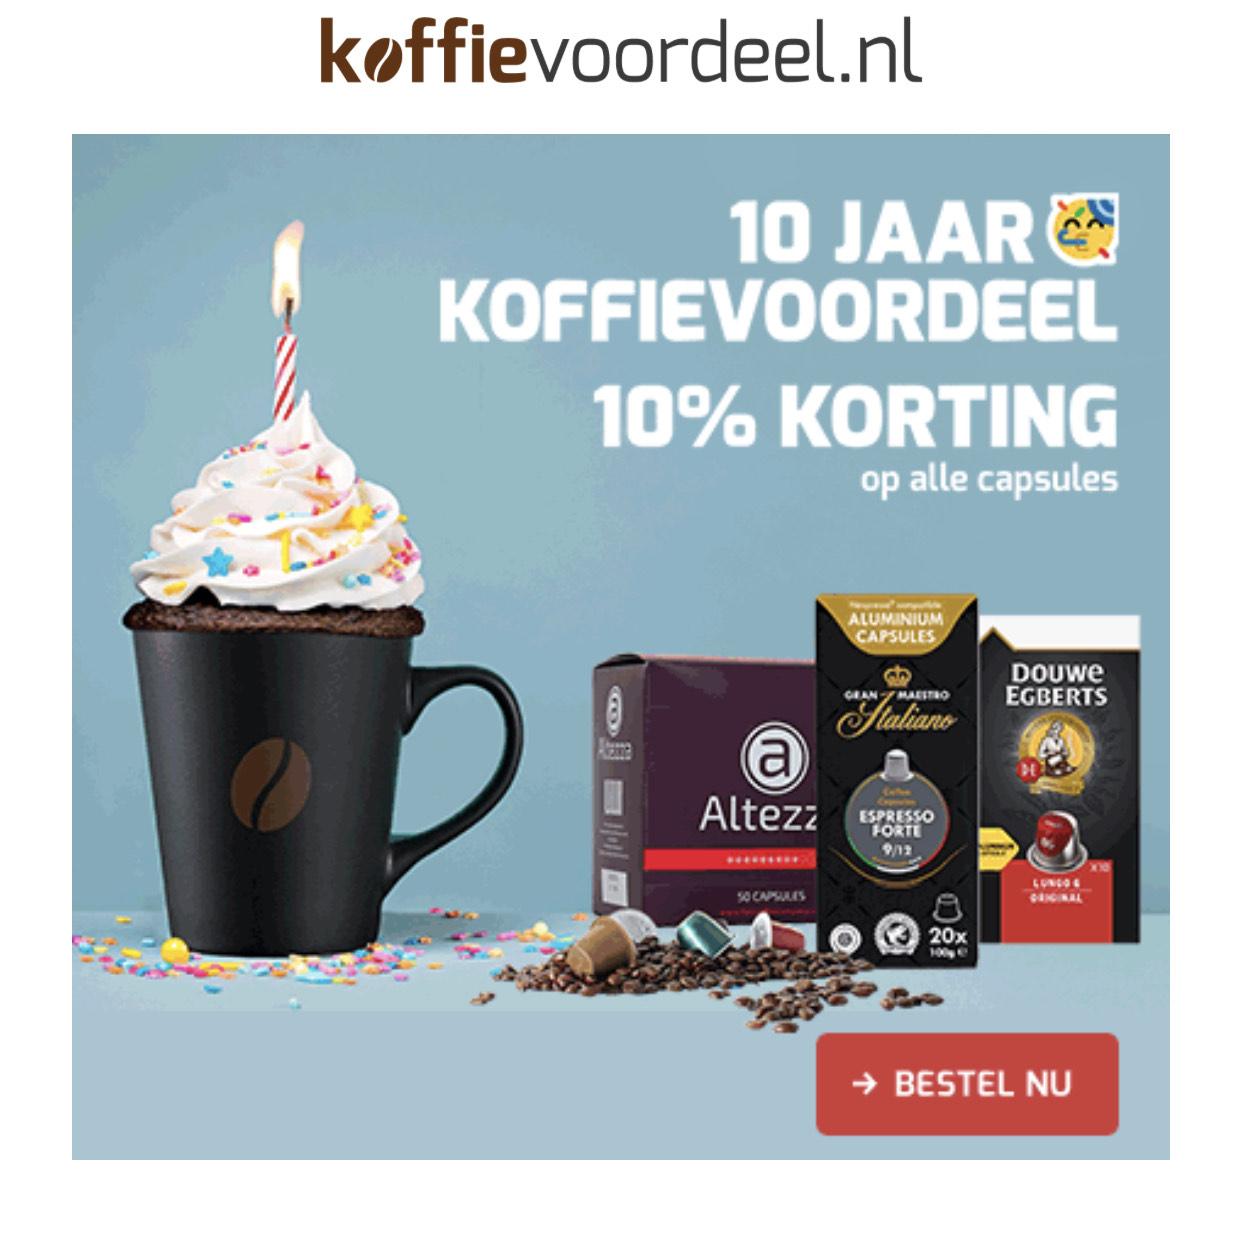 Koffievoordeel 10% korting